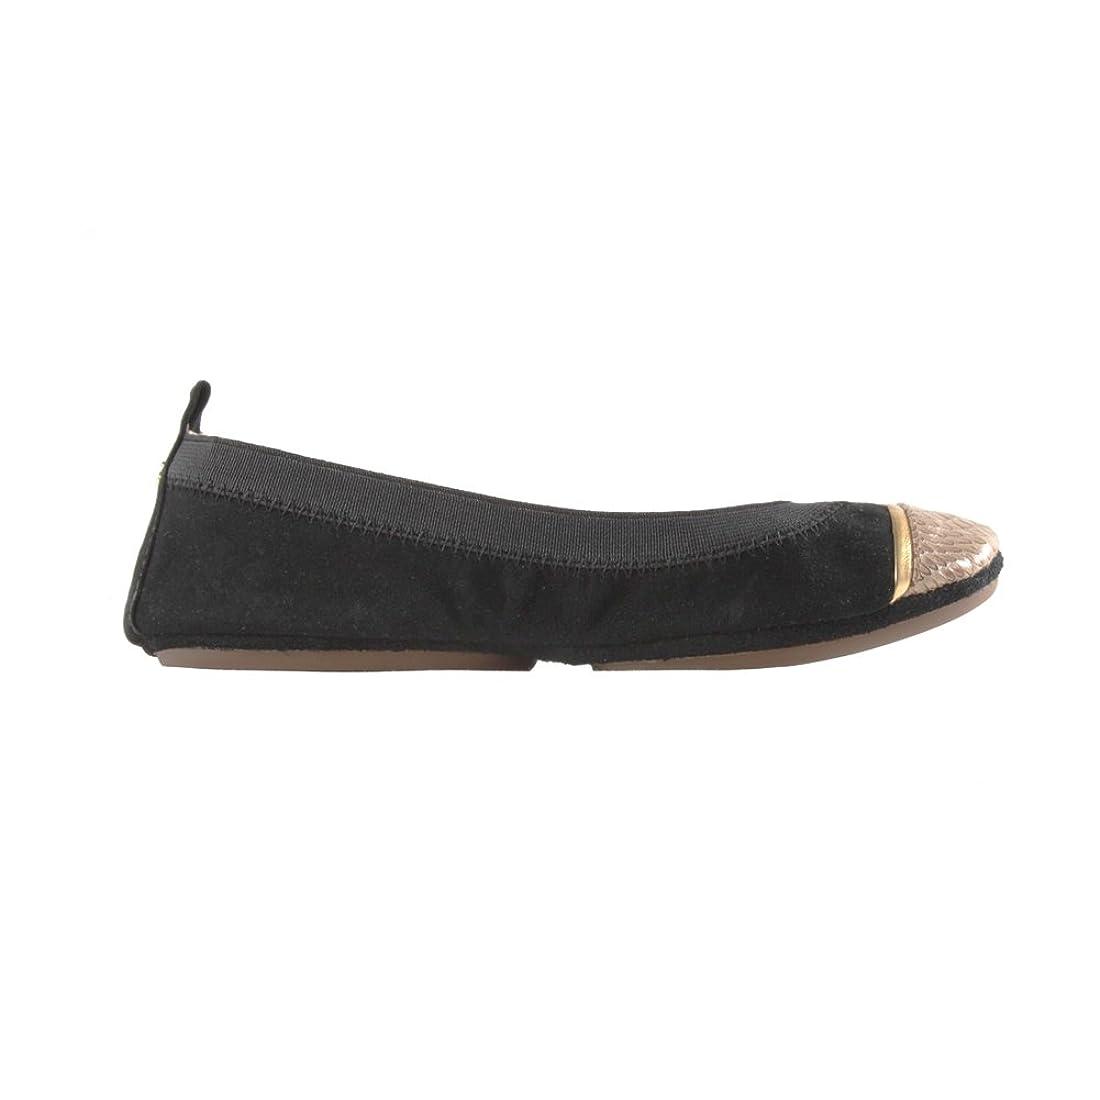 先住民クライストチャーチお互い[Yosi Samra] レディースSamara Sybilスエード靴ブラック/Latte